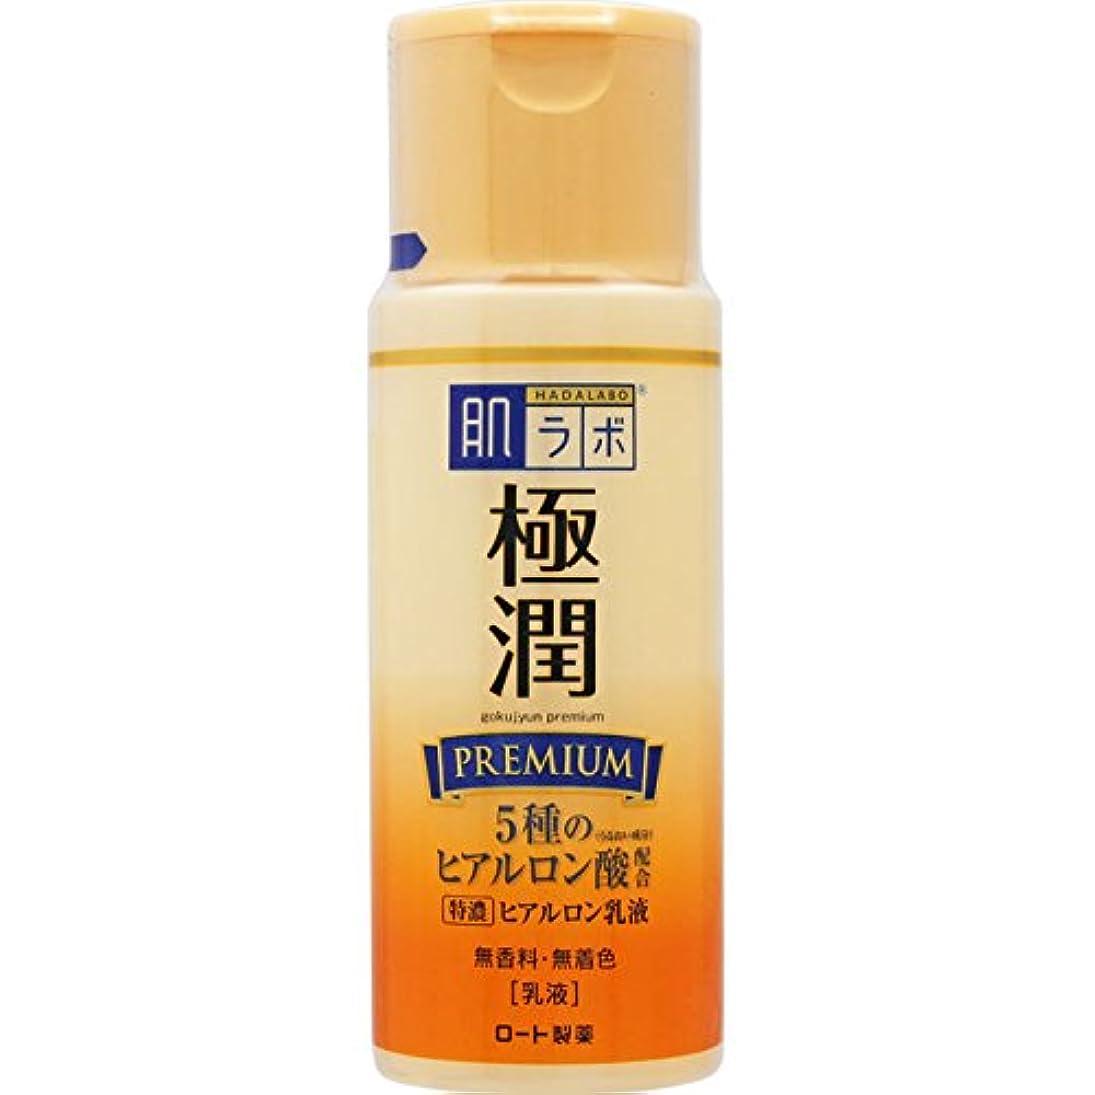 コンテンポラリーミルク劇的肌ラボ 極潤プレミアム ヒアルロン乳液 140ml×5